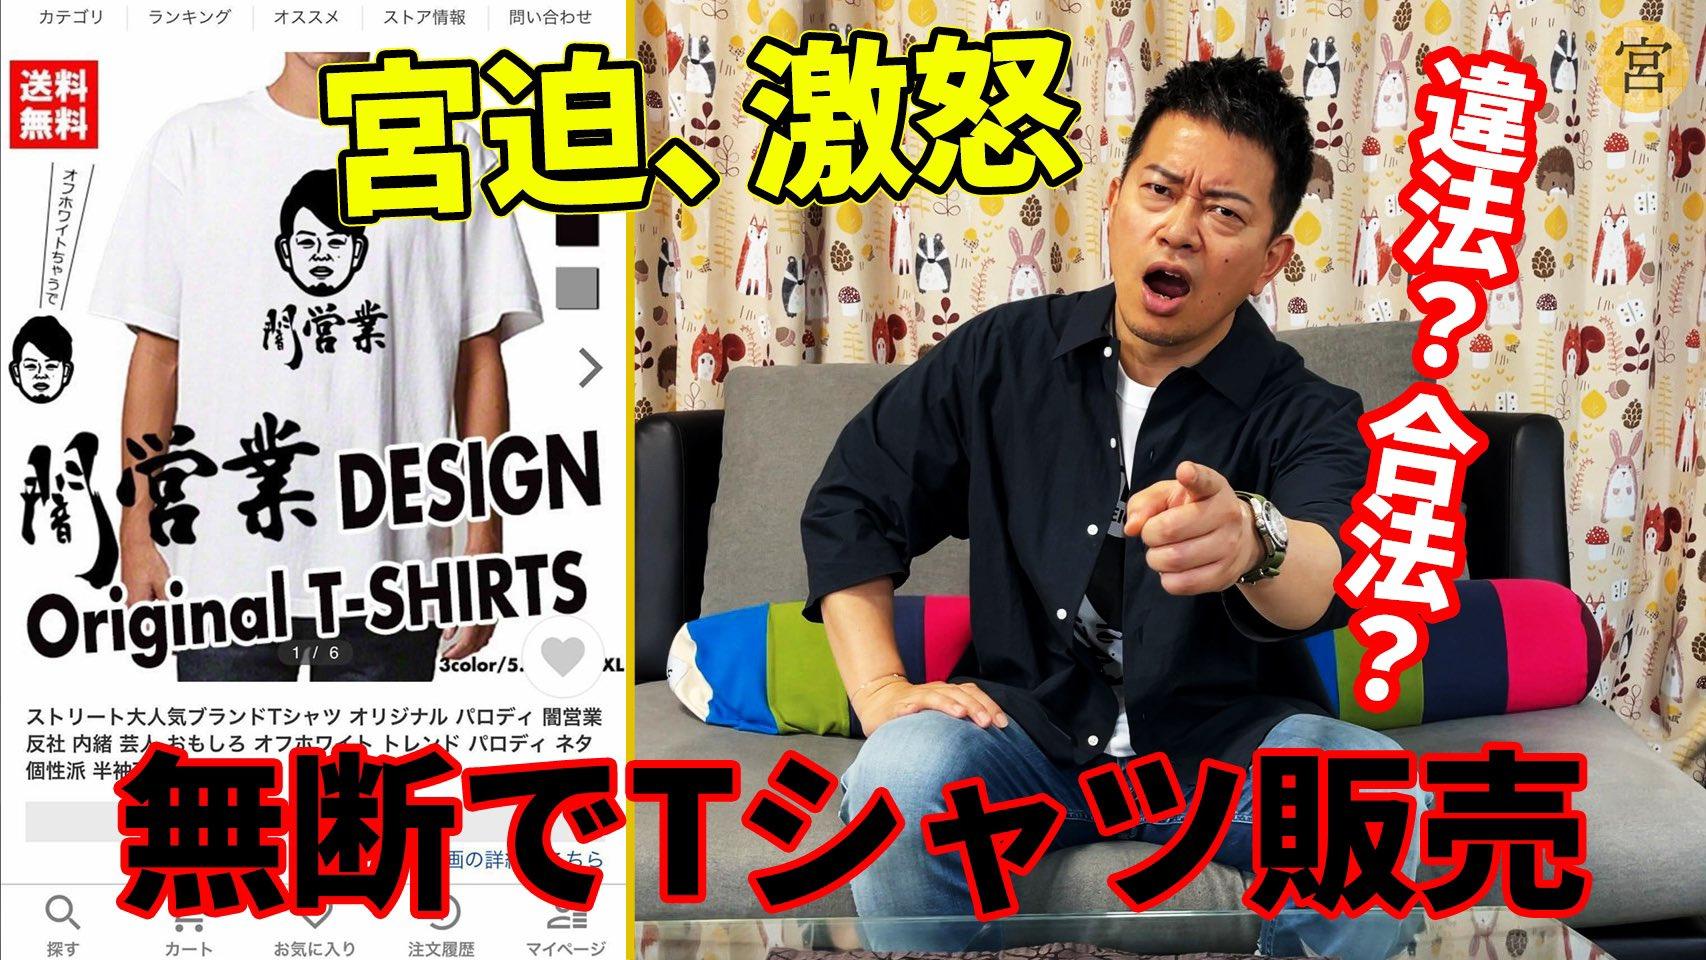 【ハゲ悲報】YouTuber宮迫「えまって!無断で闇営業Tシャツ販売されてる!!!」